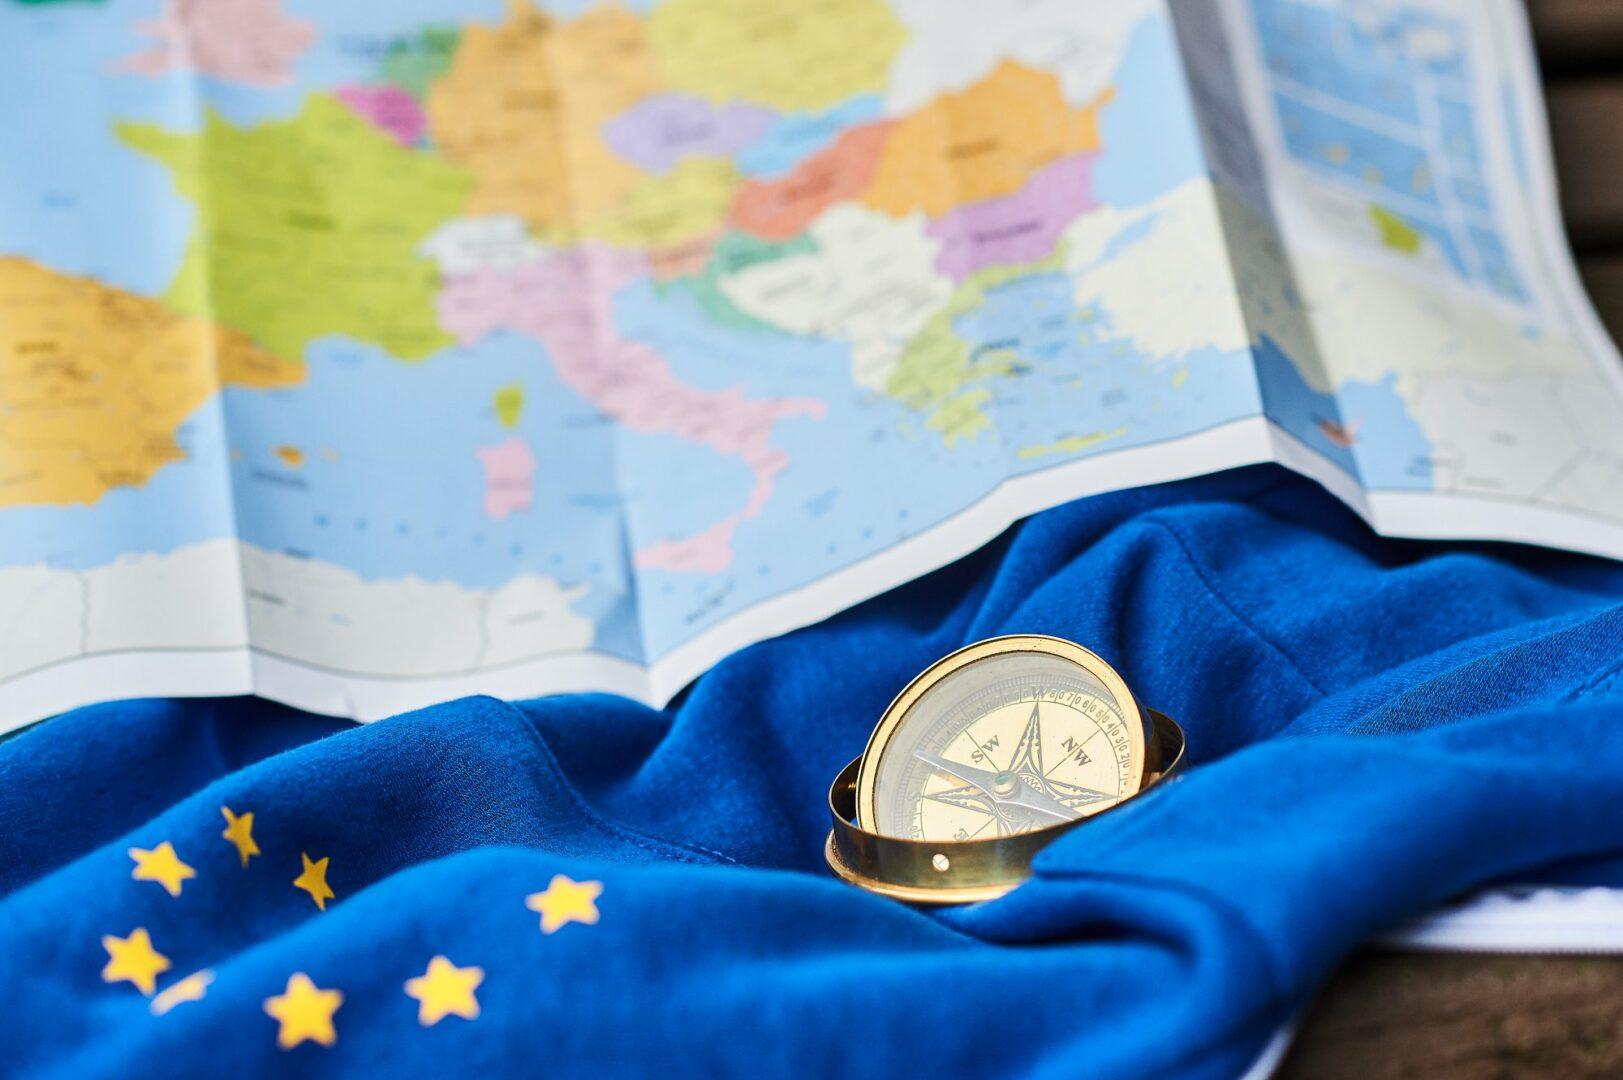 Bugetul UE